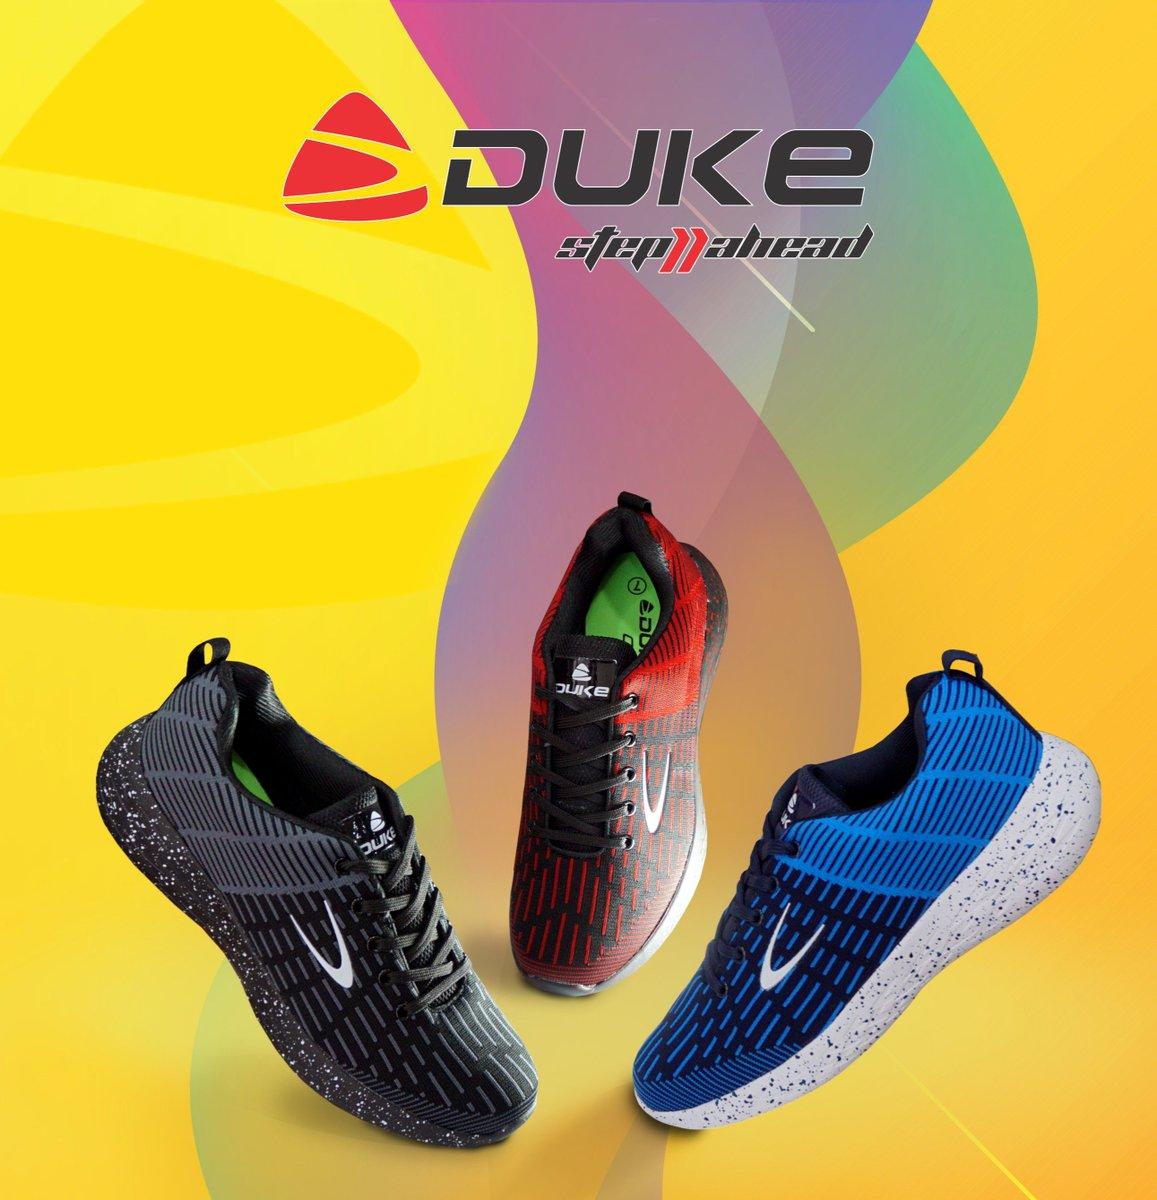 duke men's running shoes